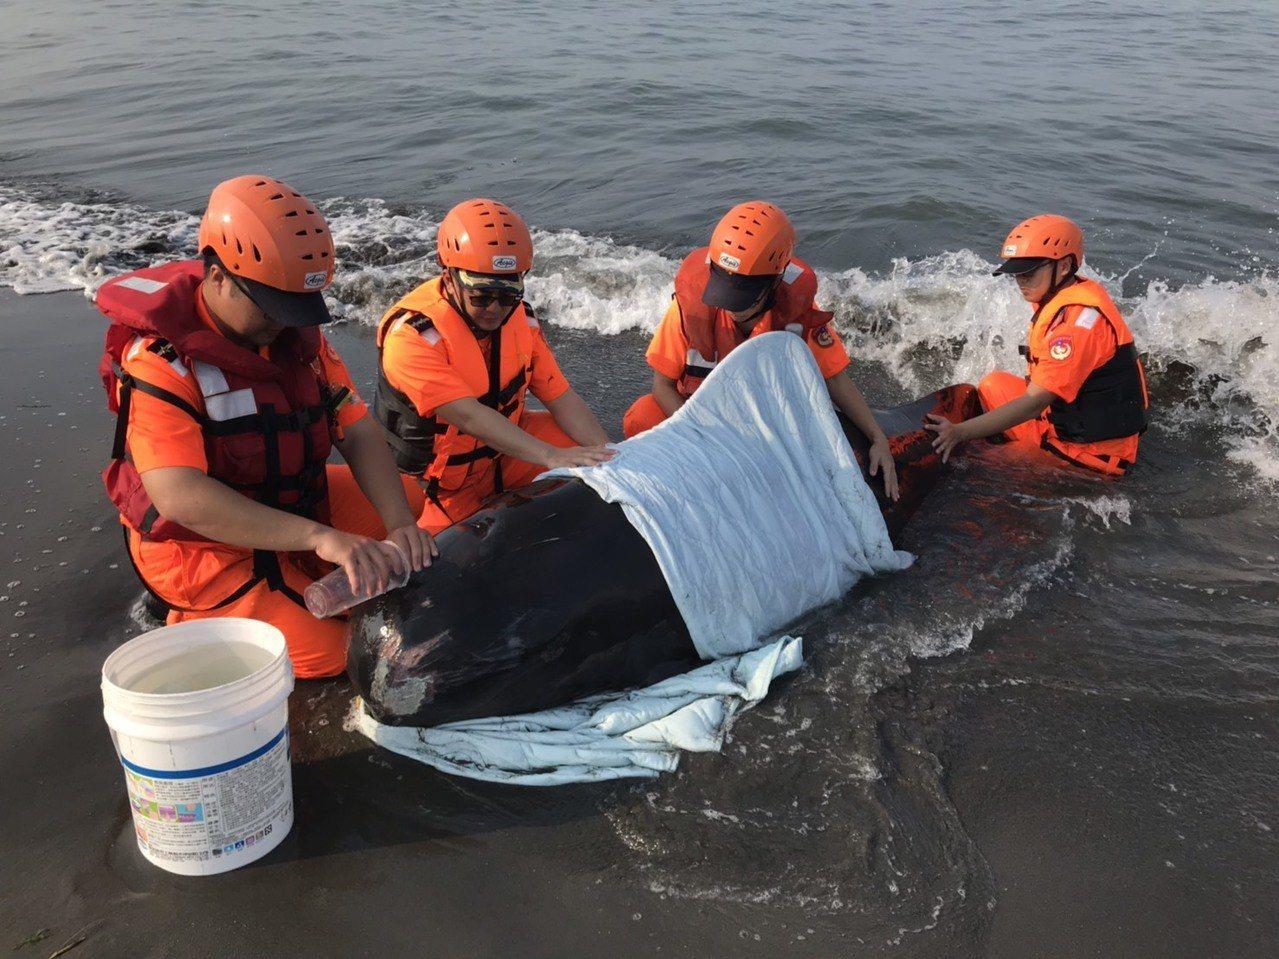 海巡署人員為避免海豚氣孔進水,先將牠固定安置於岸上,以濕布覆蓋其身,持續灑水保持...